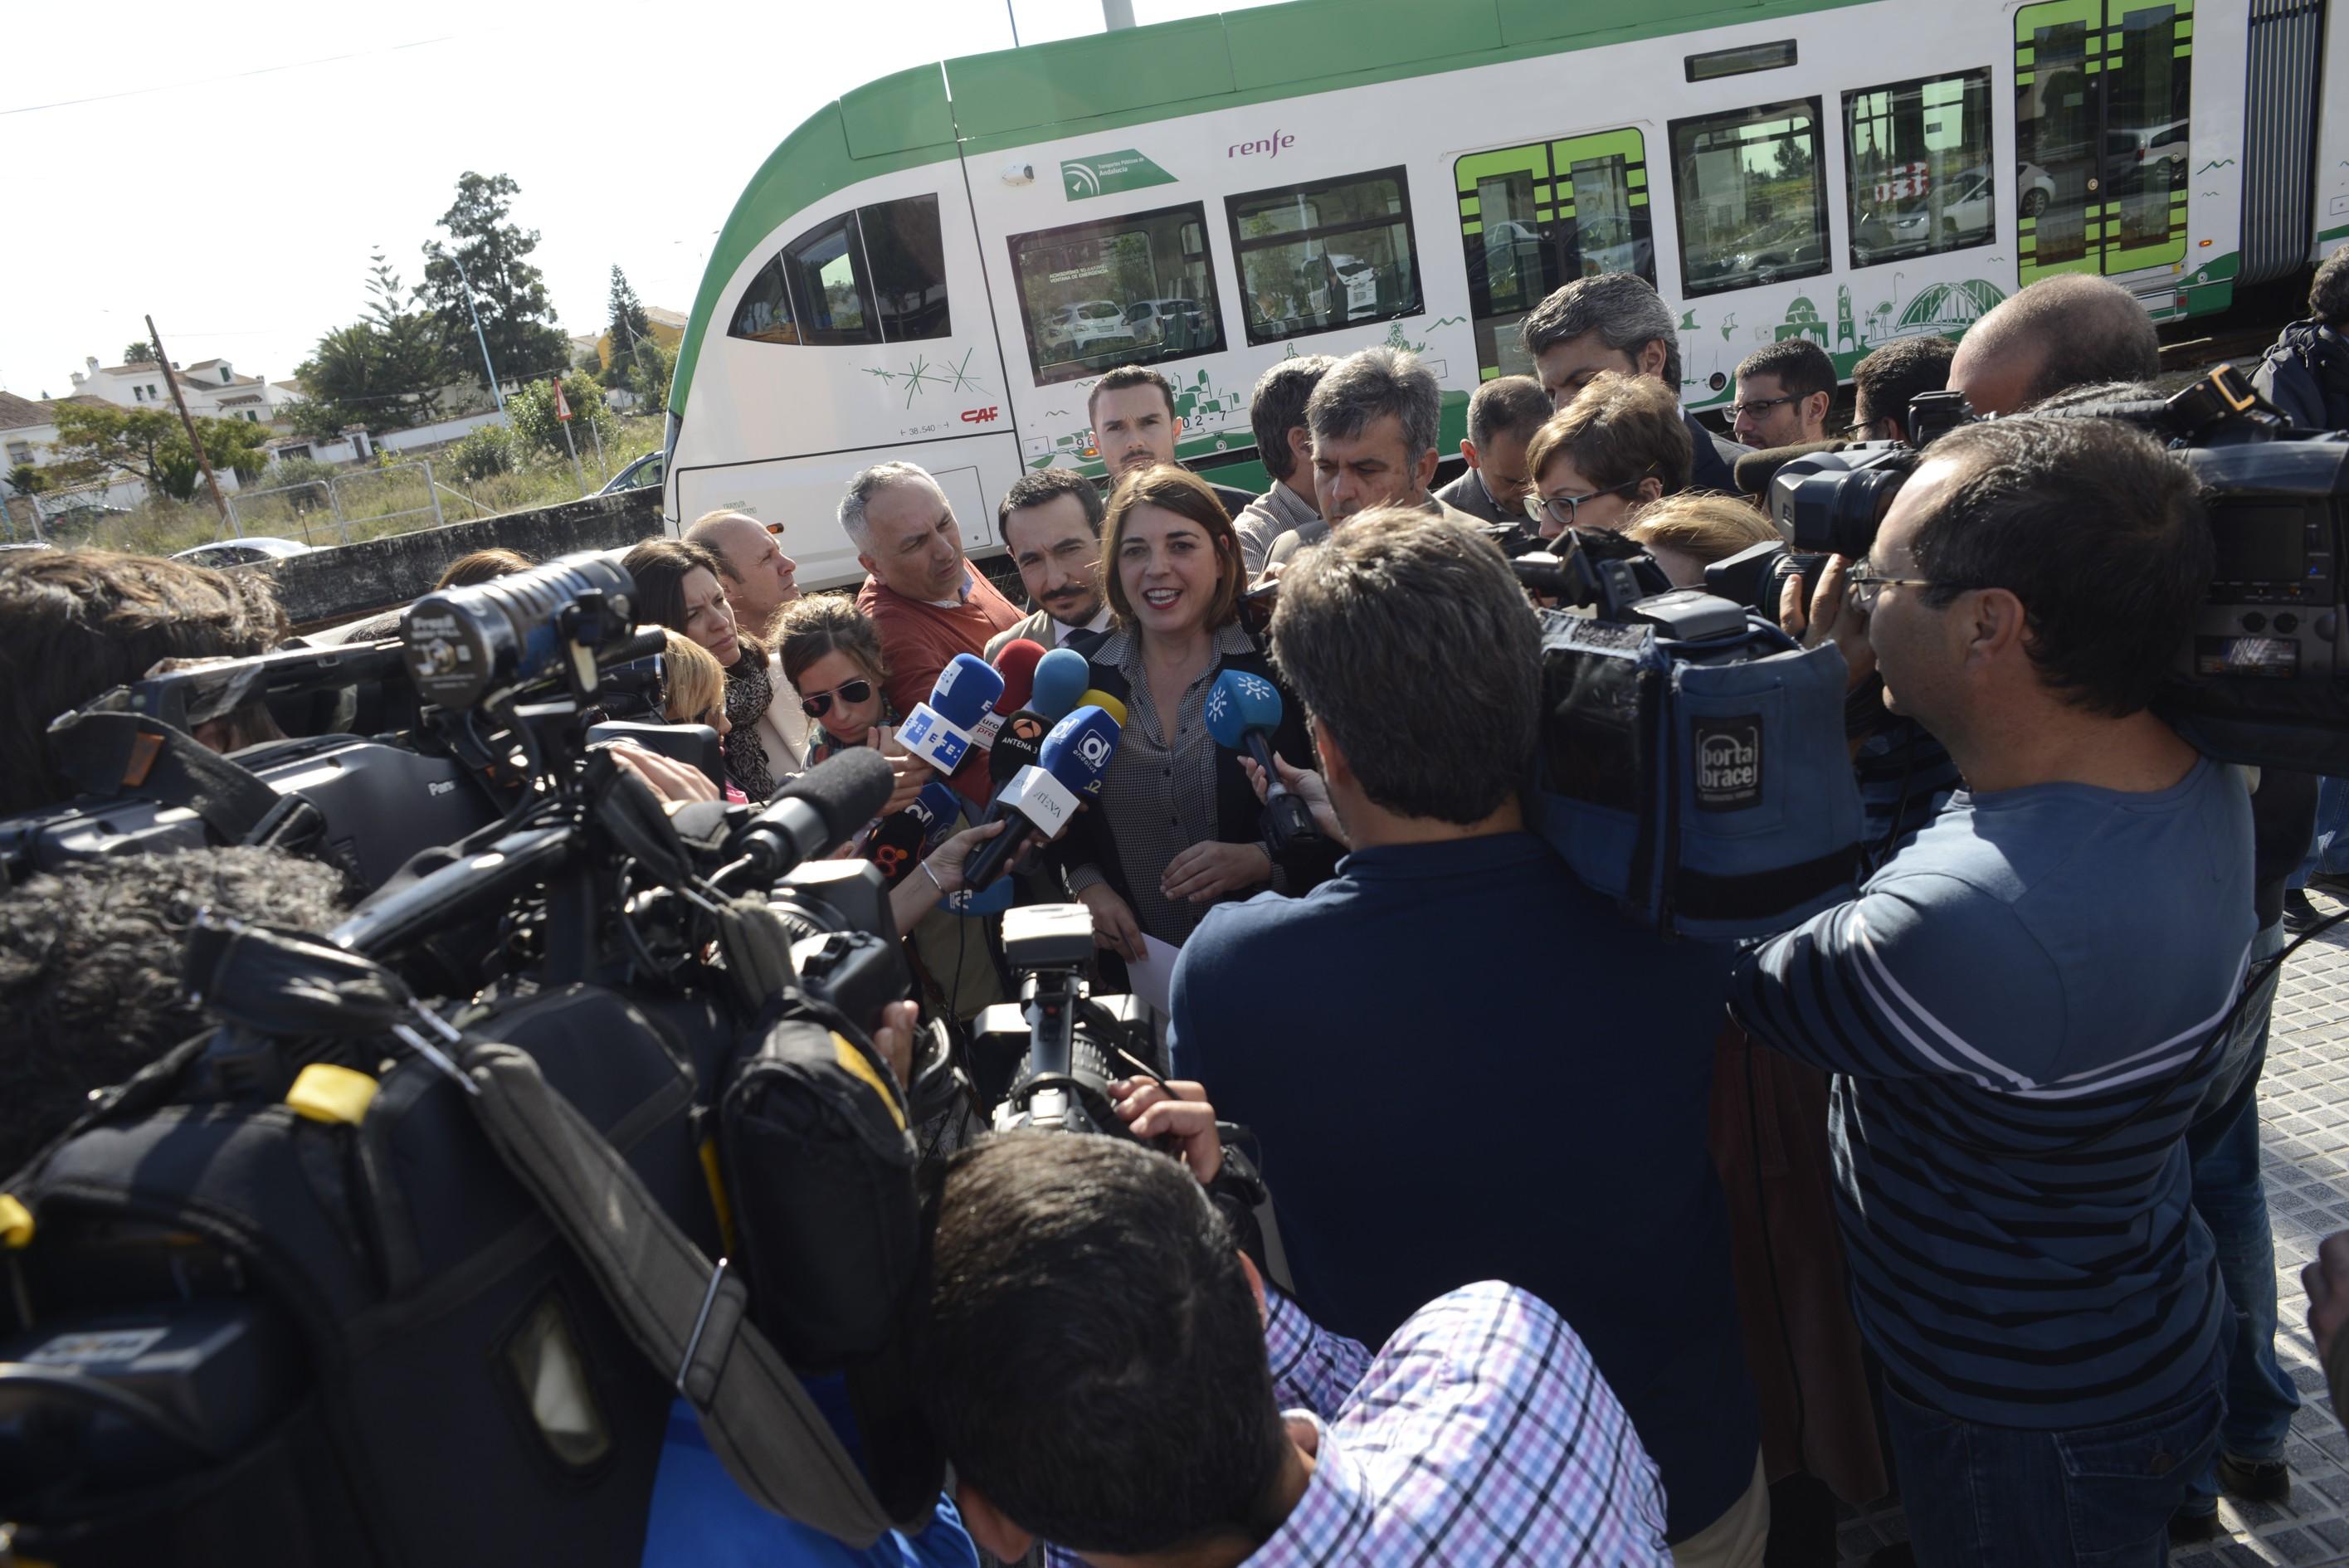 La consejera atiende a los medios justo despu�s de realizar el recorrido.